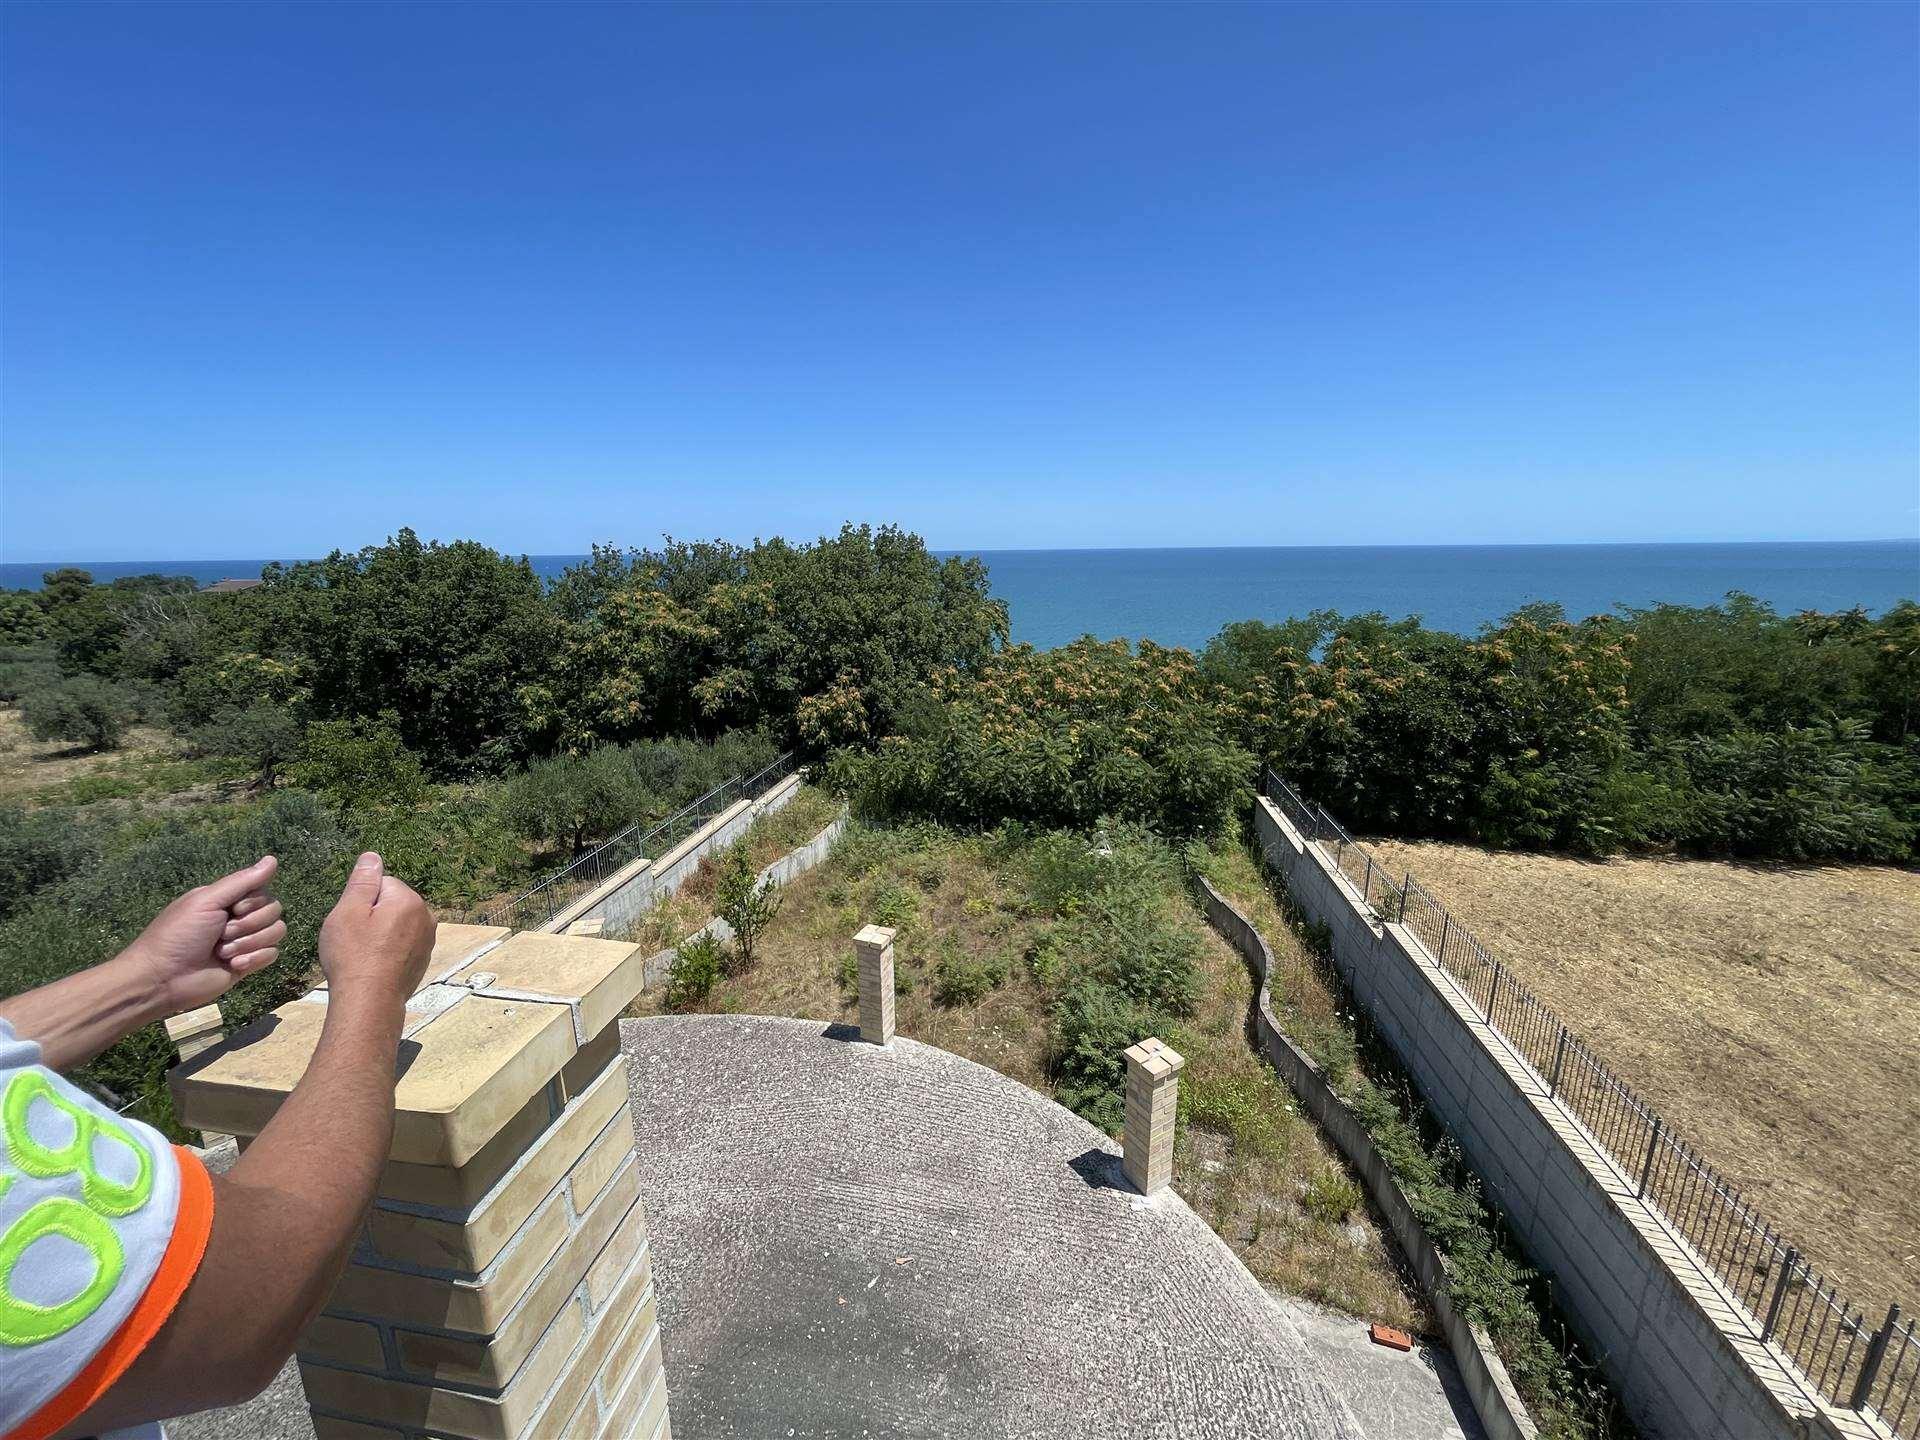 Foto esterno vista mare